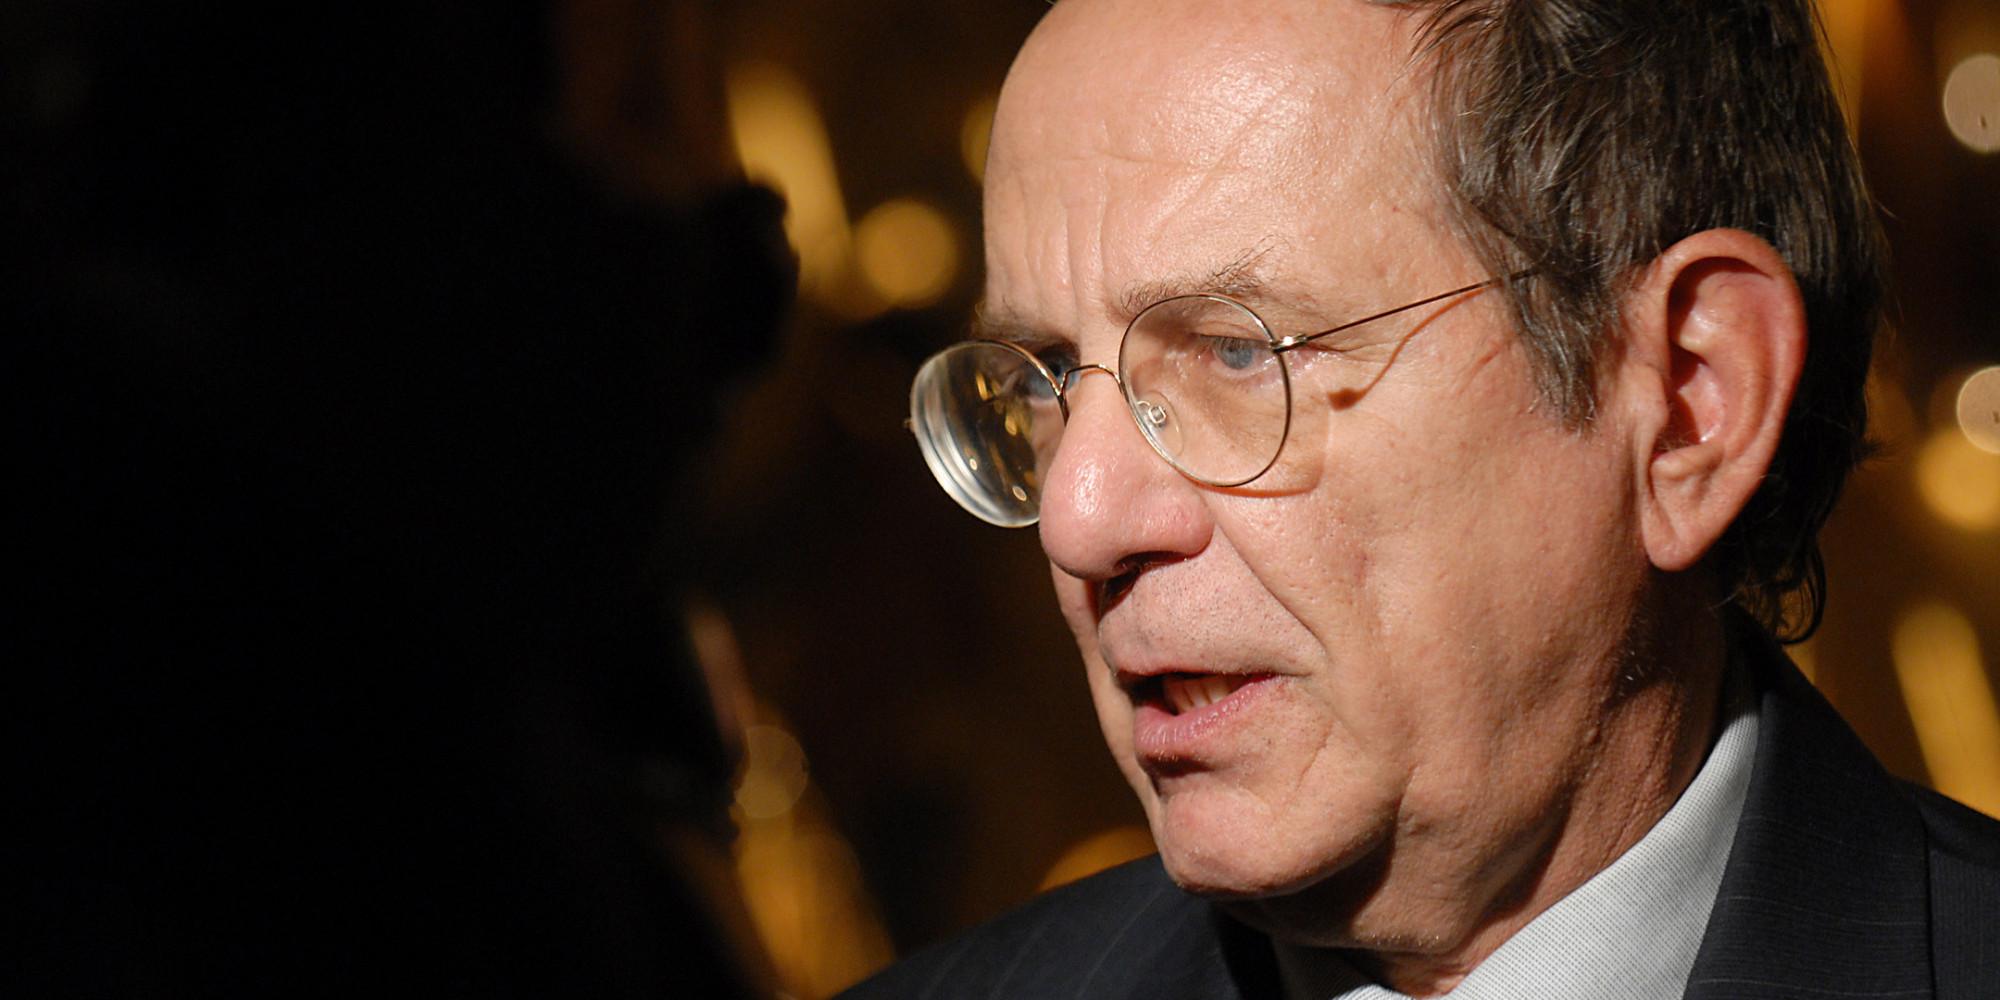 وزير المالية الإيطالي: منطقة اليورو الآن أقوي كثيراً عما كانت عليه منذ سنوات